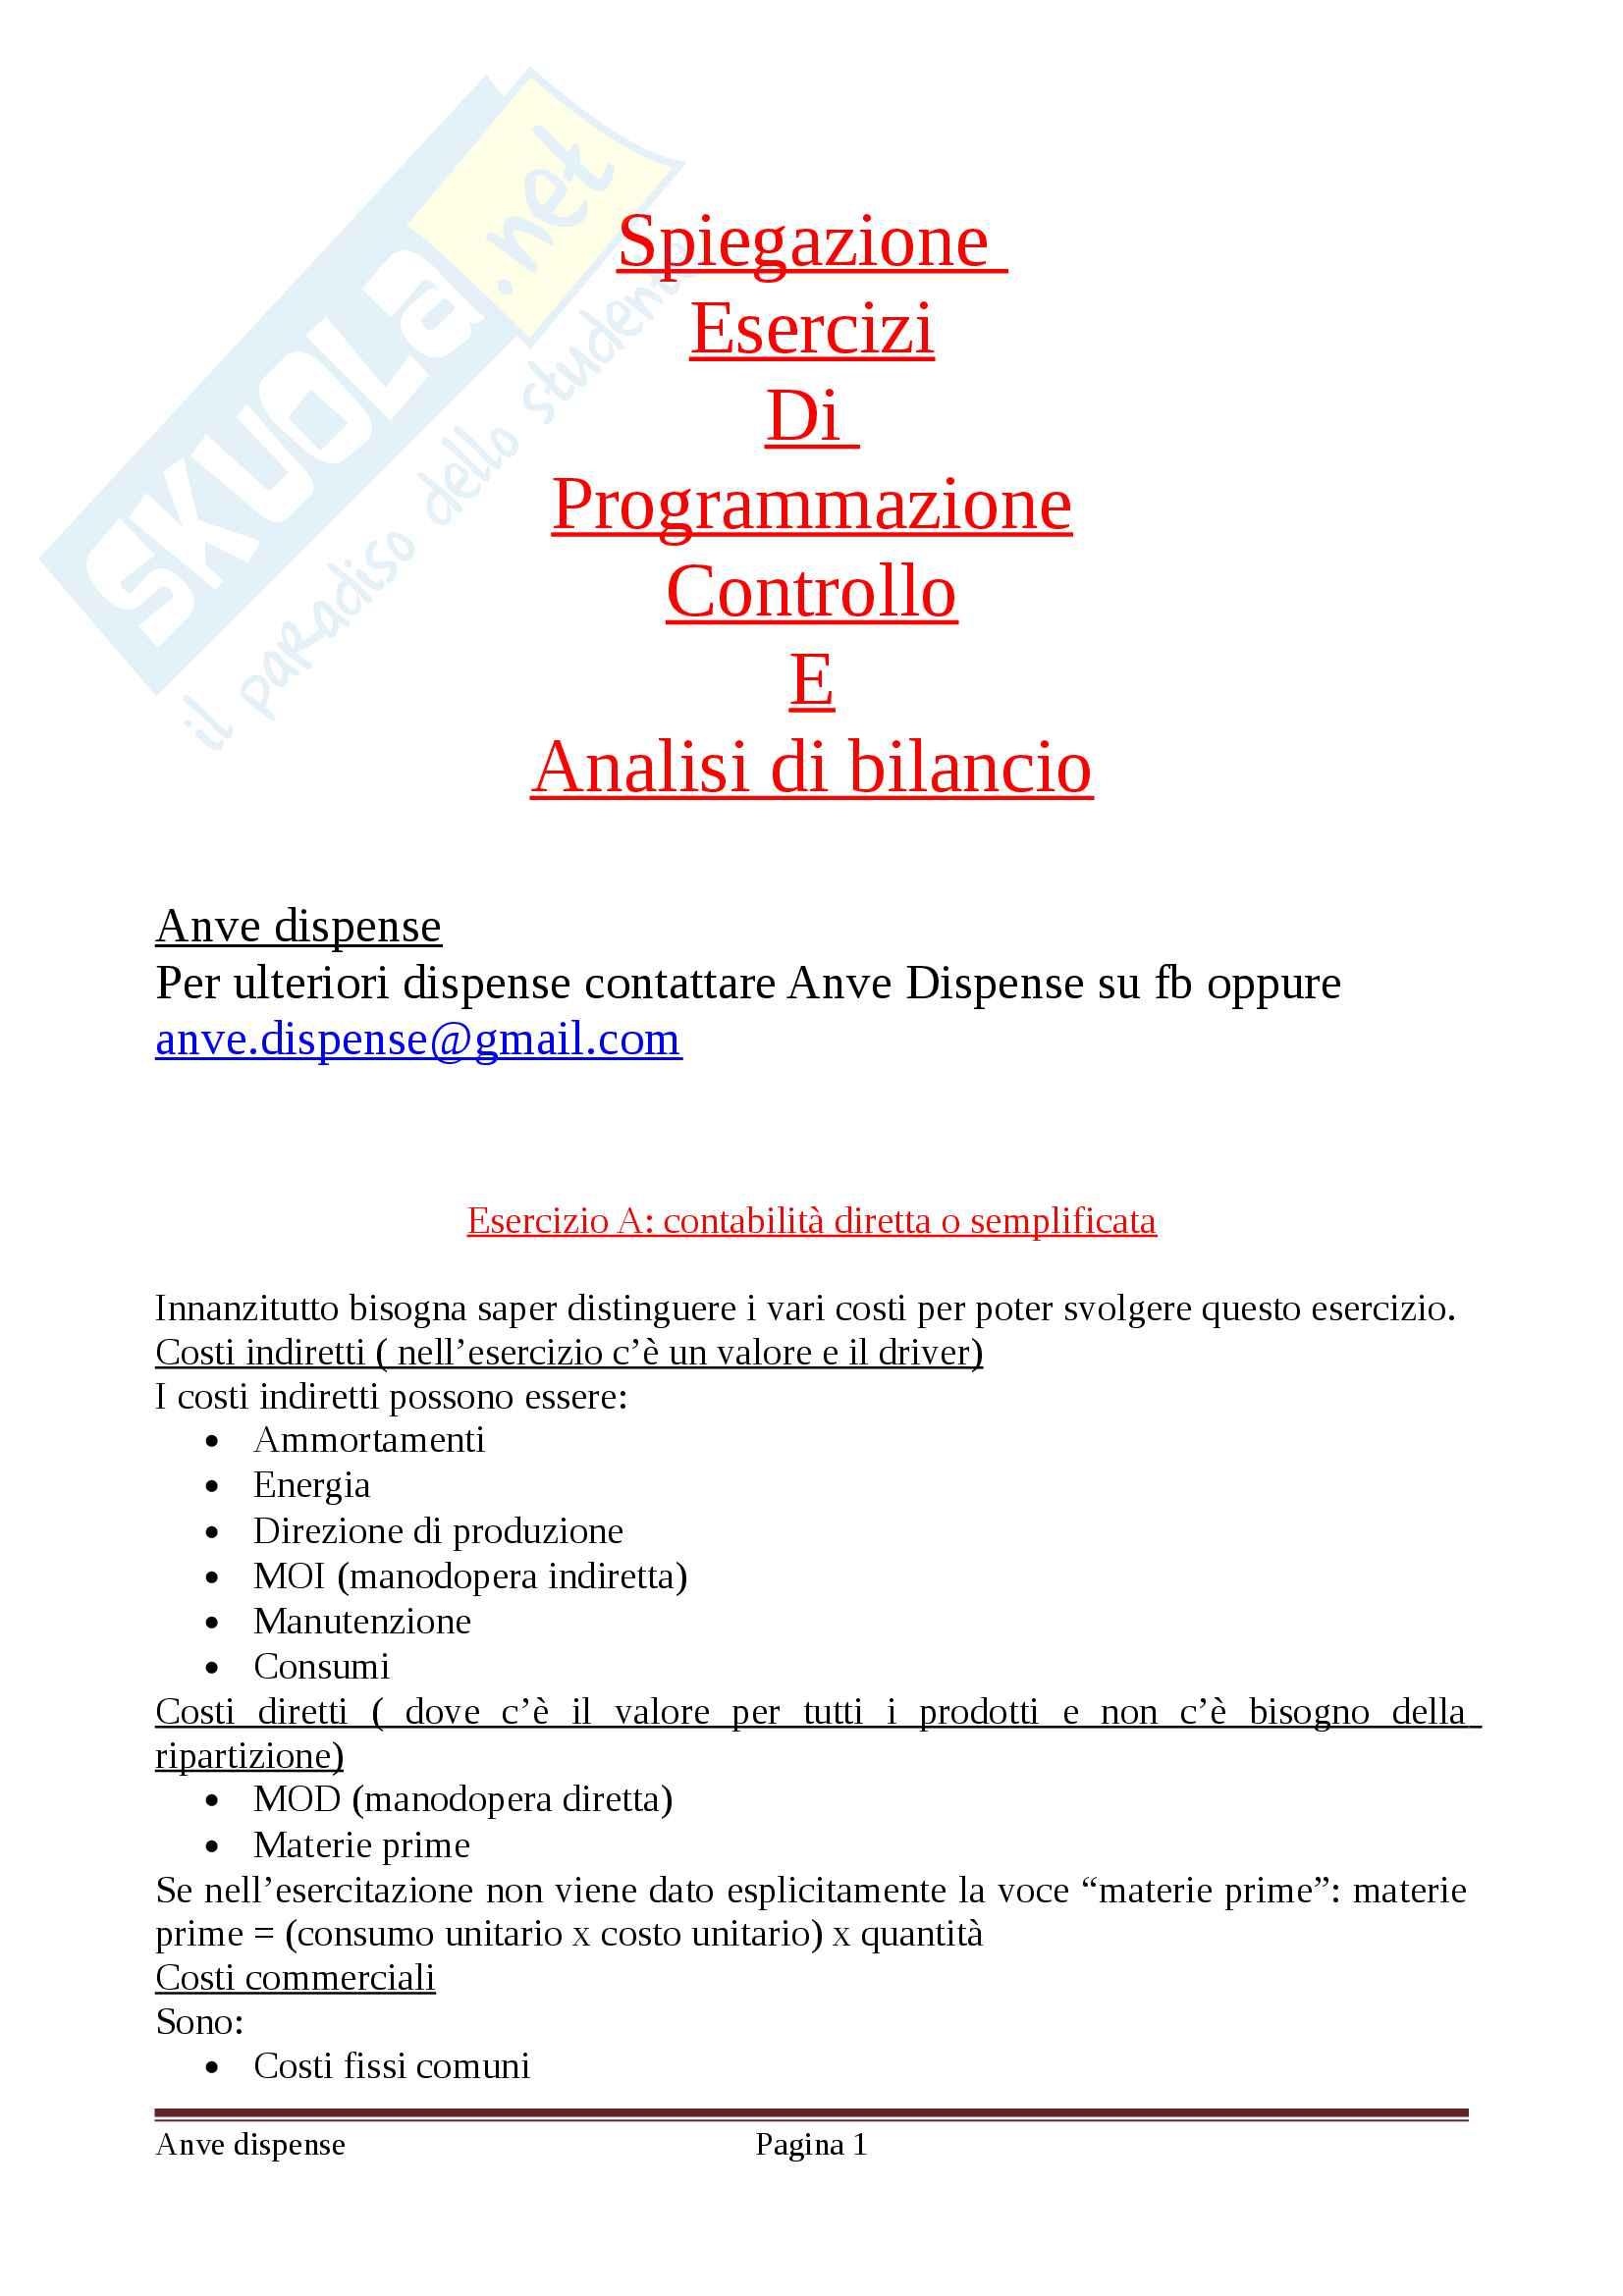 Esercizi programmazione, controllo e analisi di bilancio